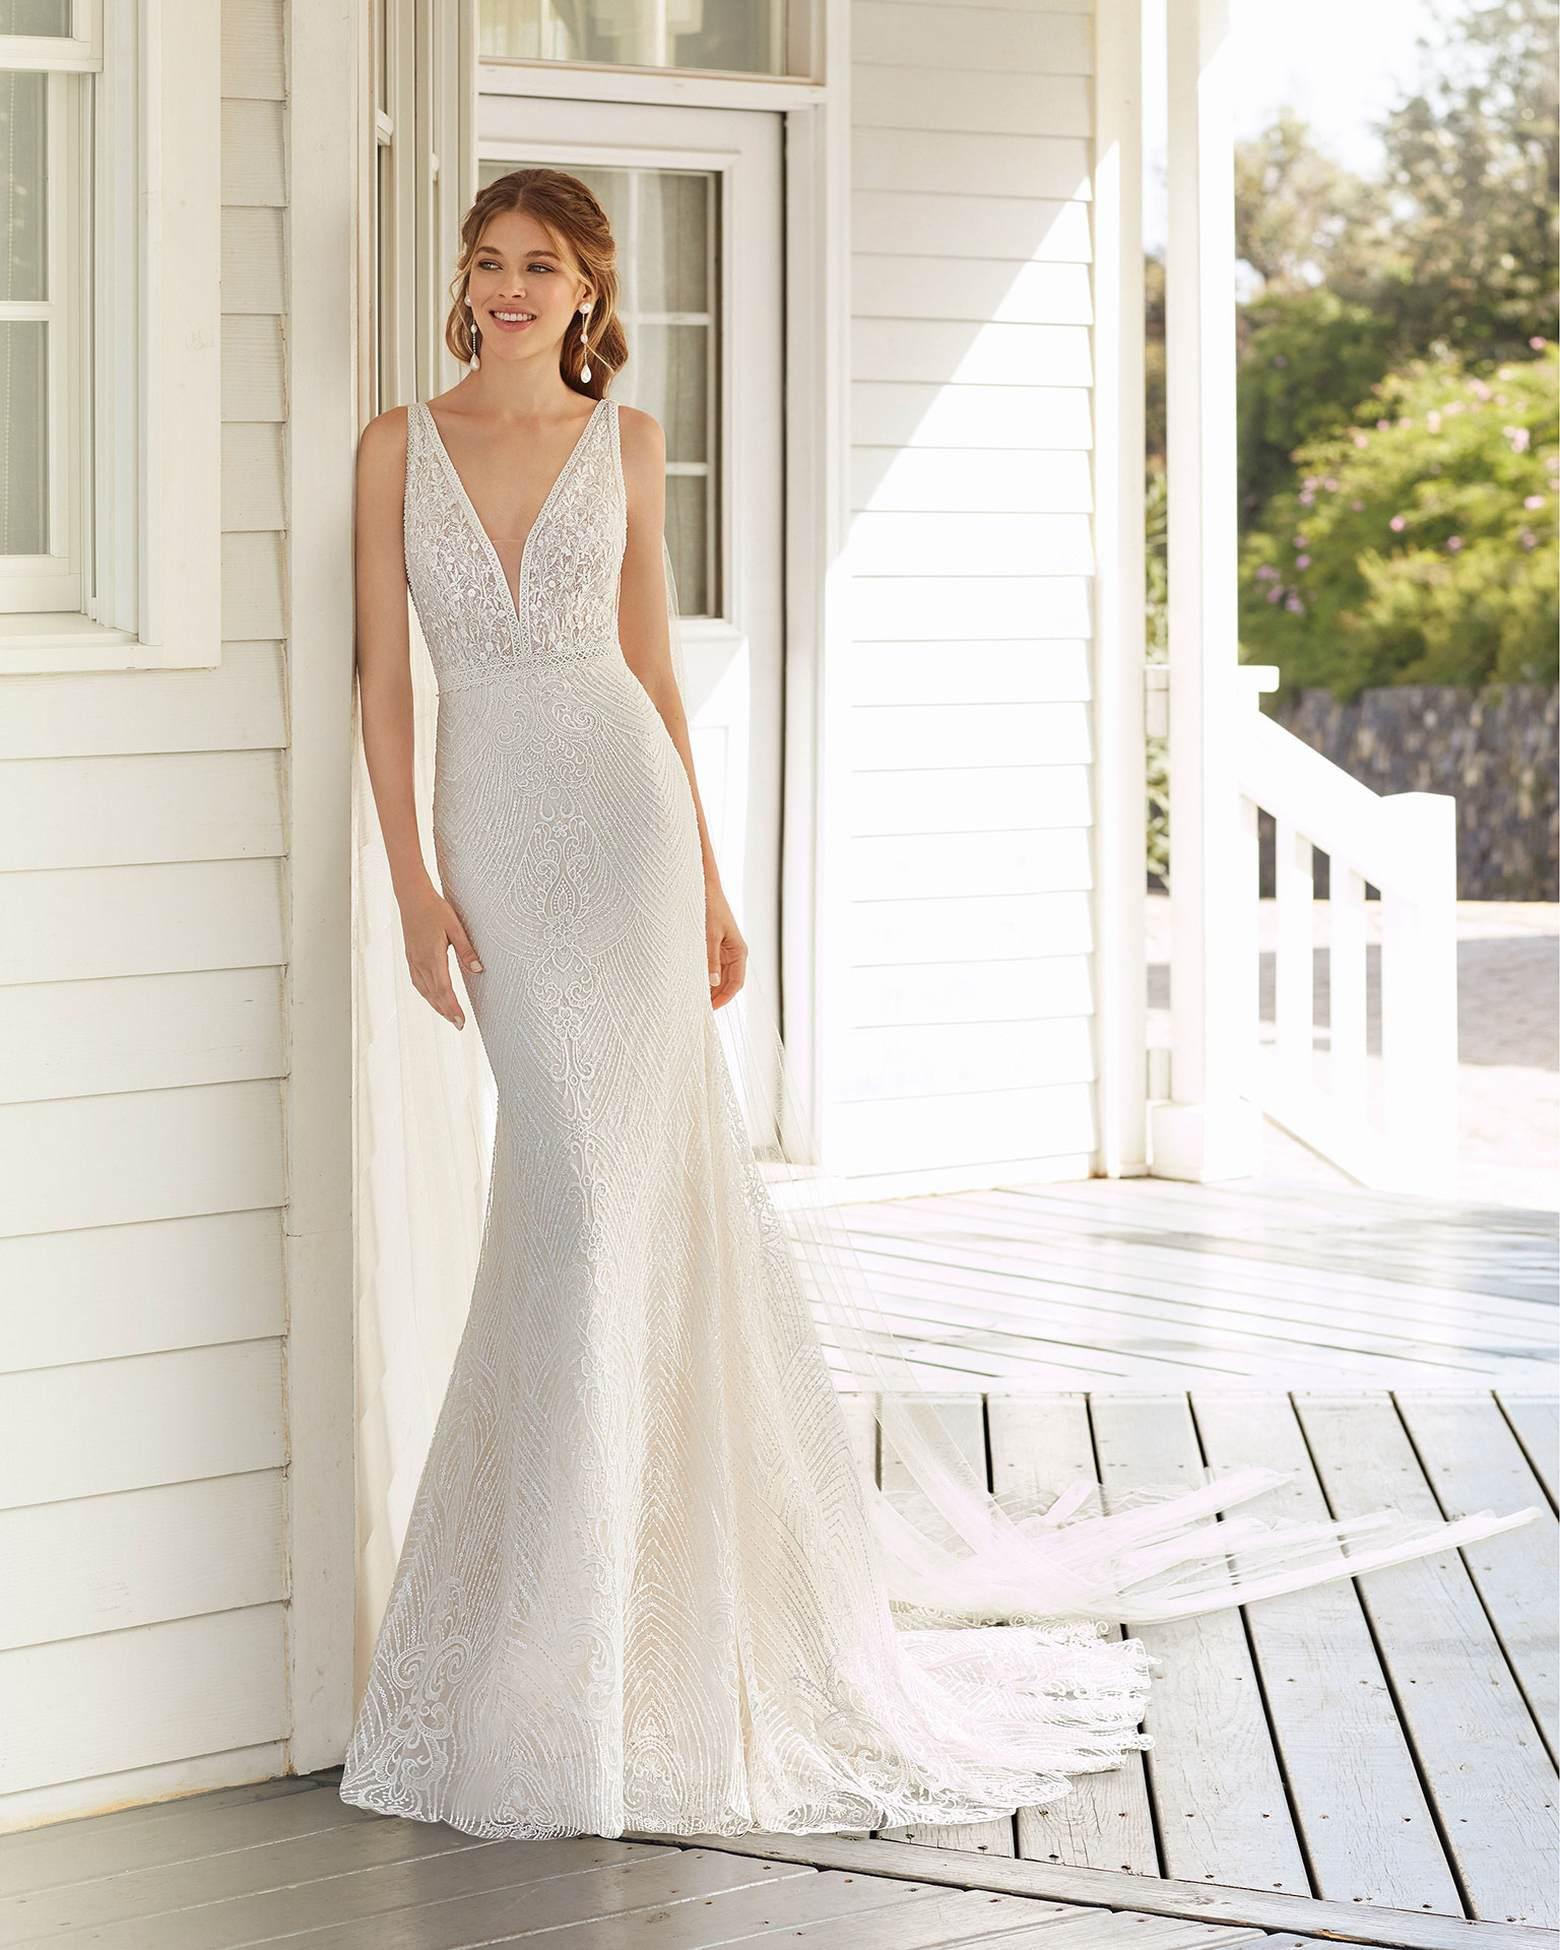 Cher menyasszonyi ruha - Rosa Clará 2021